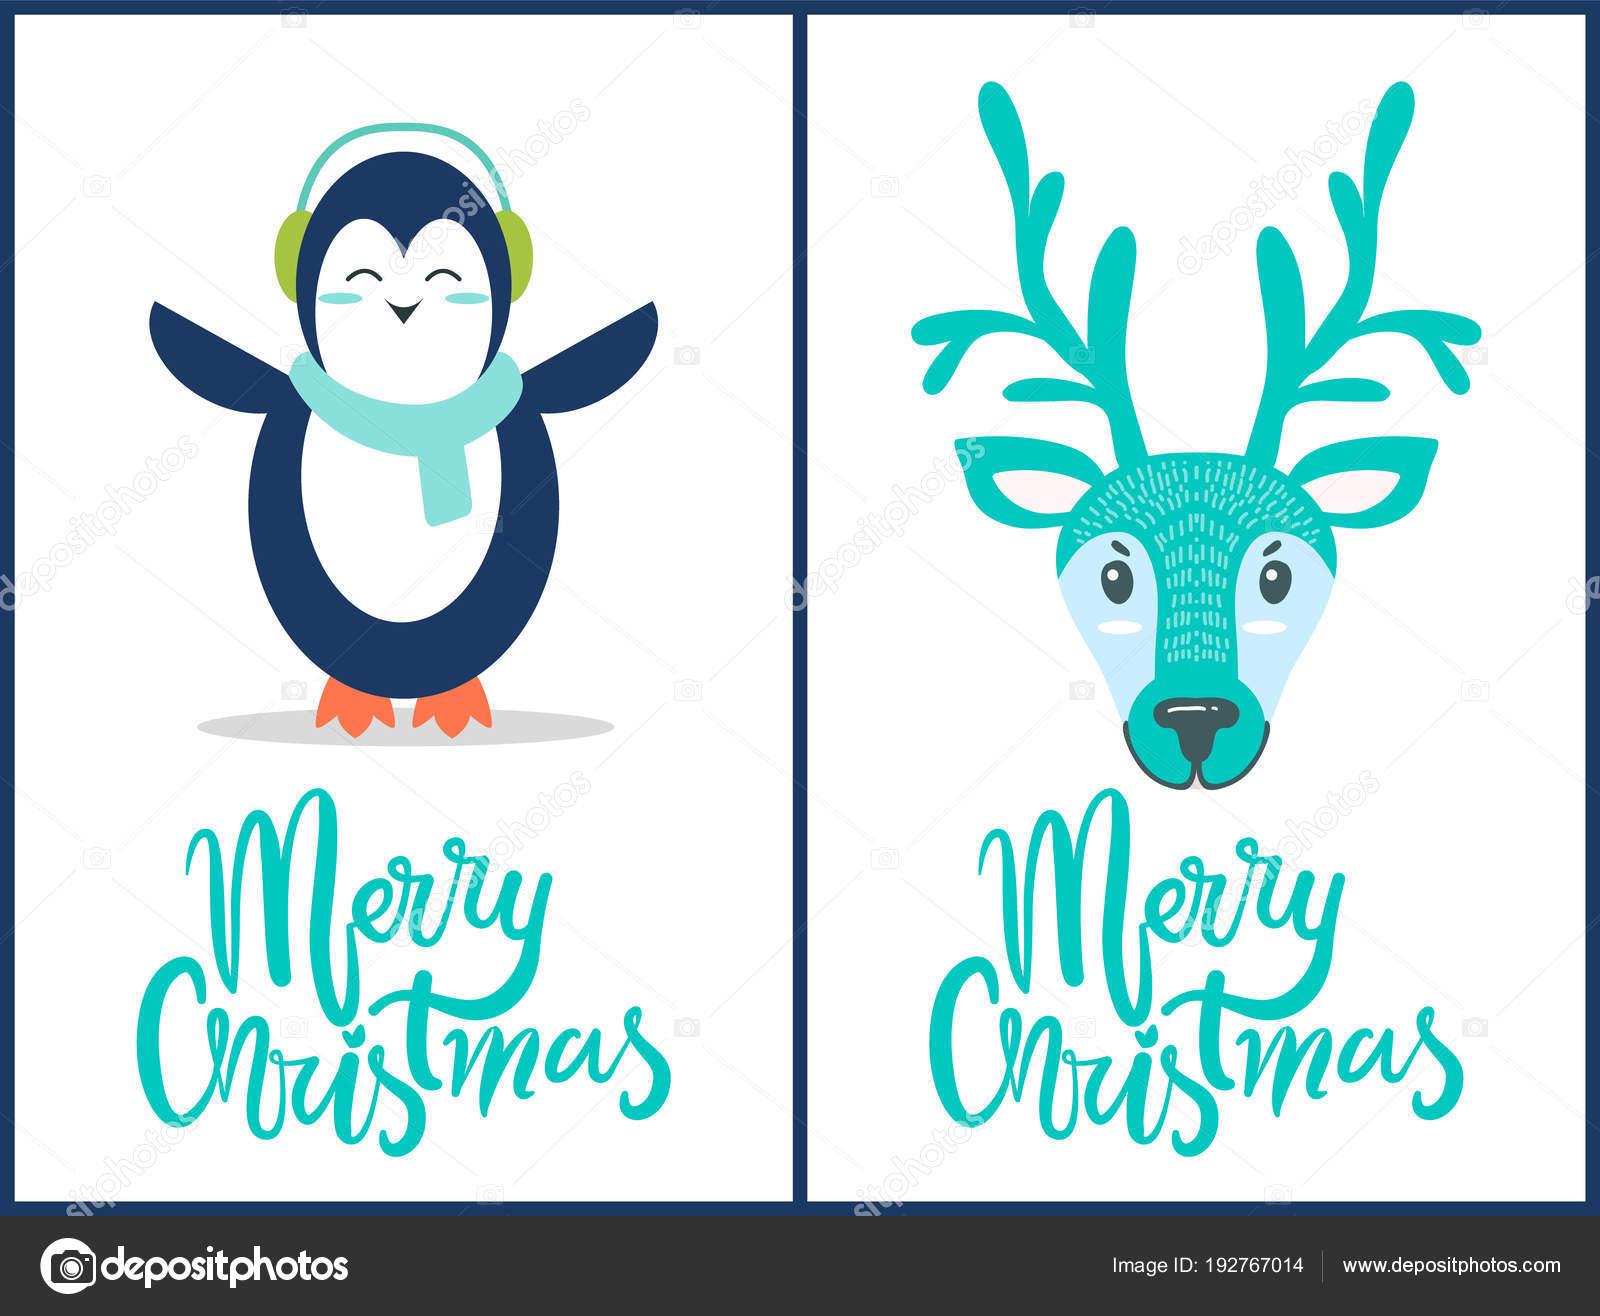 Feliz Navidad Rotulos.Feliz Navidad Pinguino Ilustracion De Vector De Ciervos